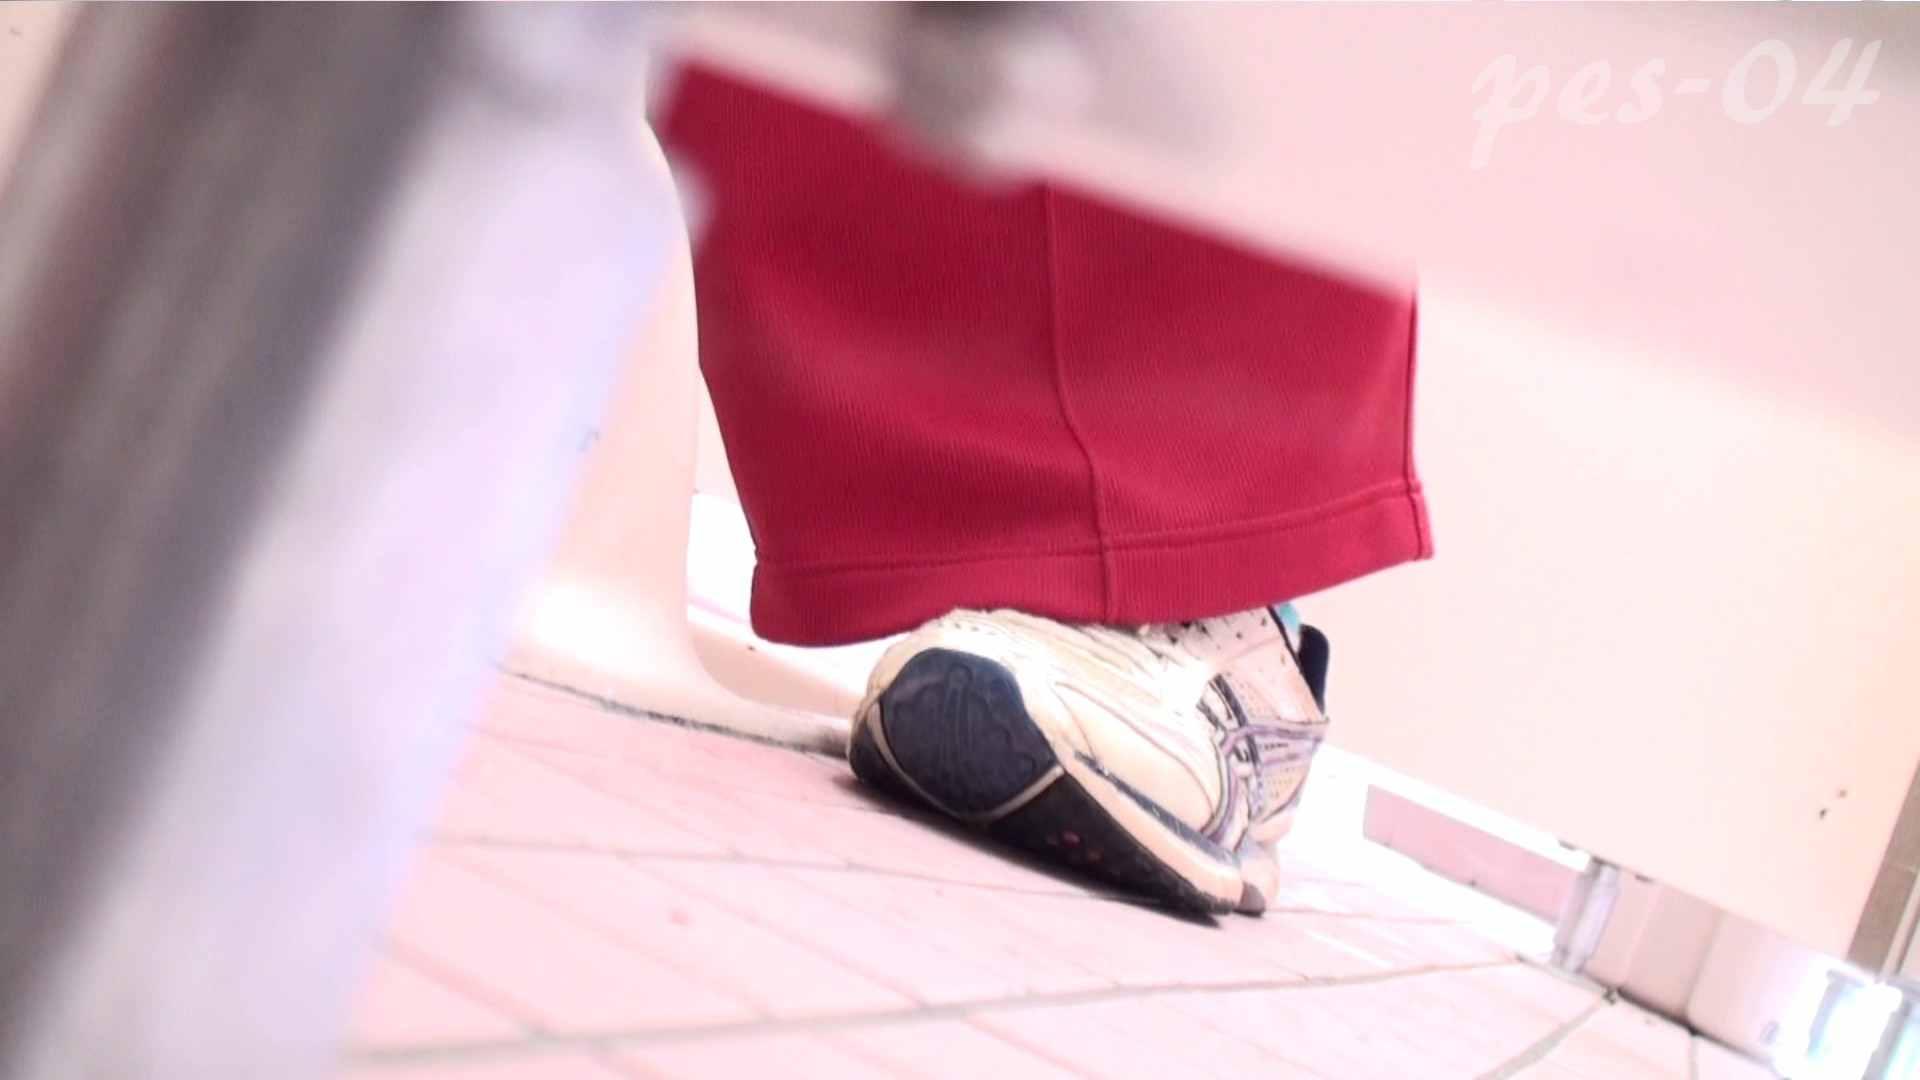 ※100個限定販売 至高下半身盗撮-プレミアム-【体育館編】VOL.4 盗撮 | 洗面所  74画像 26